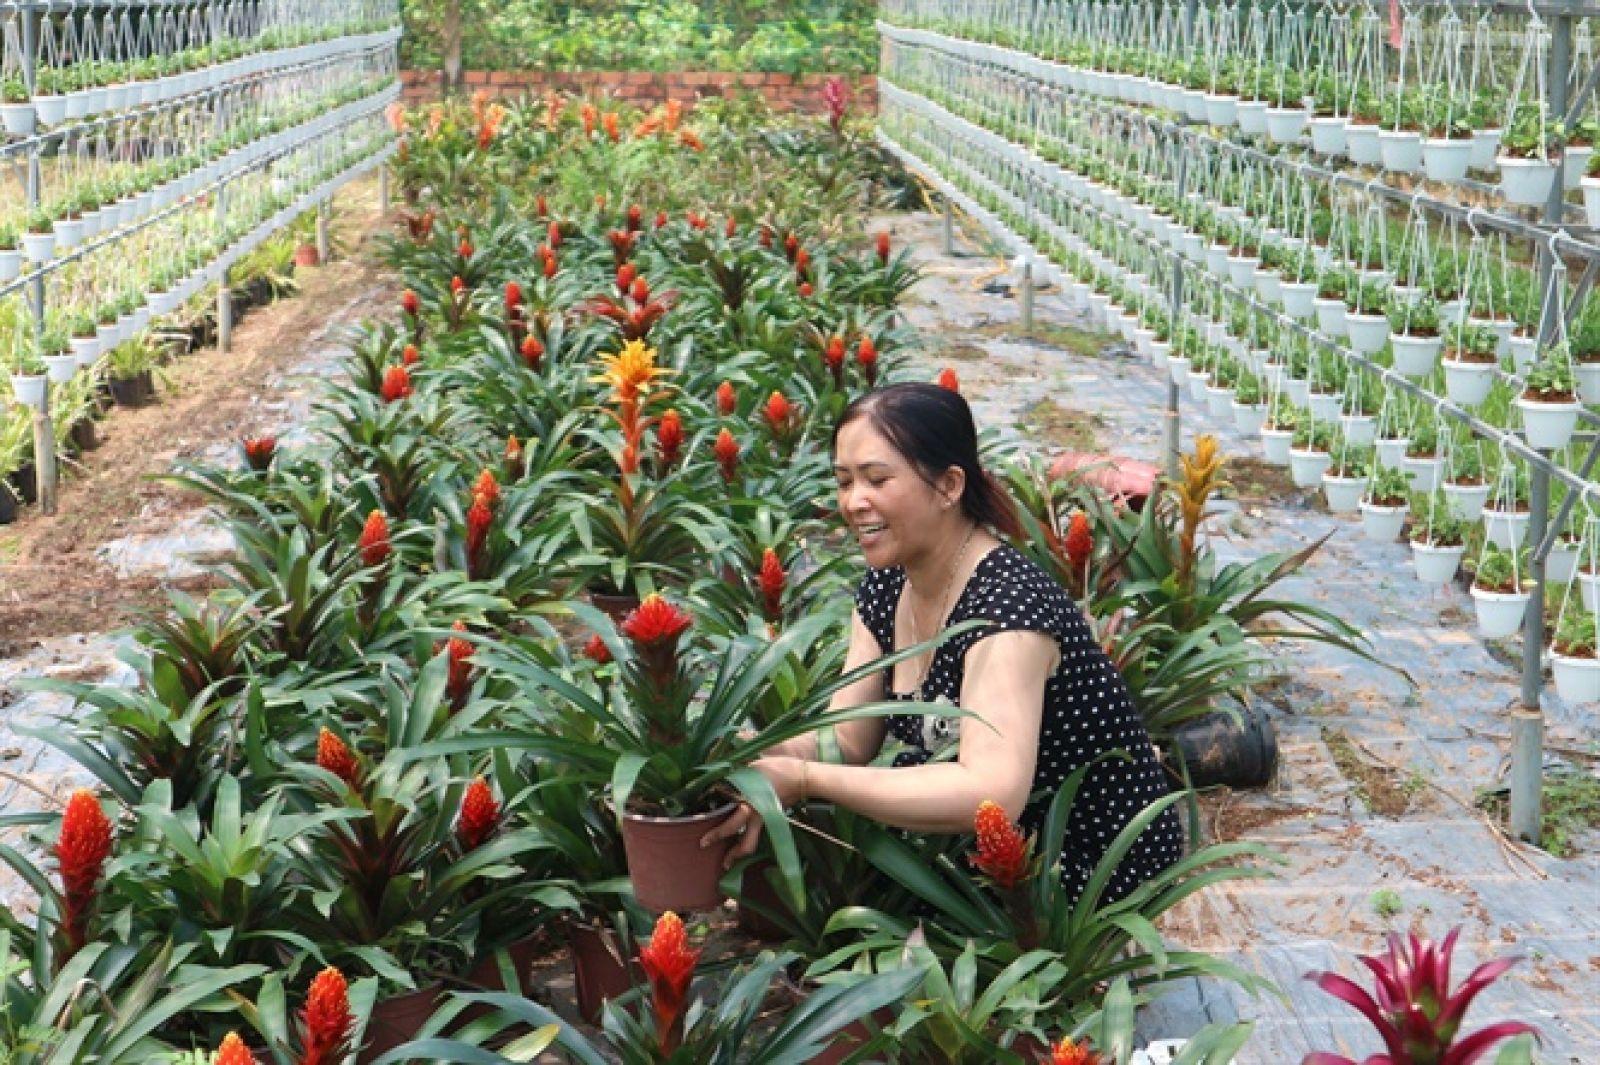 Chị Nga chăm sóc các loại kiểng bông trồng ở tầng dưới đất